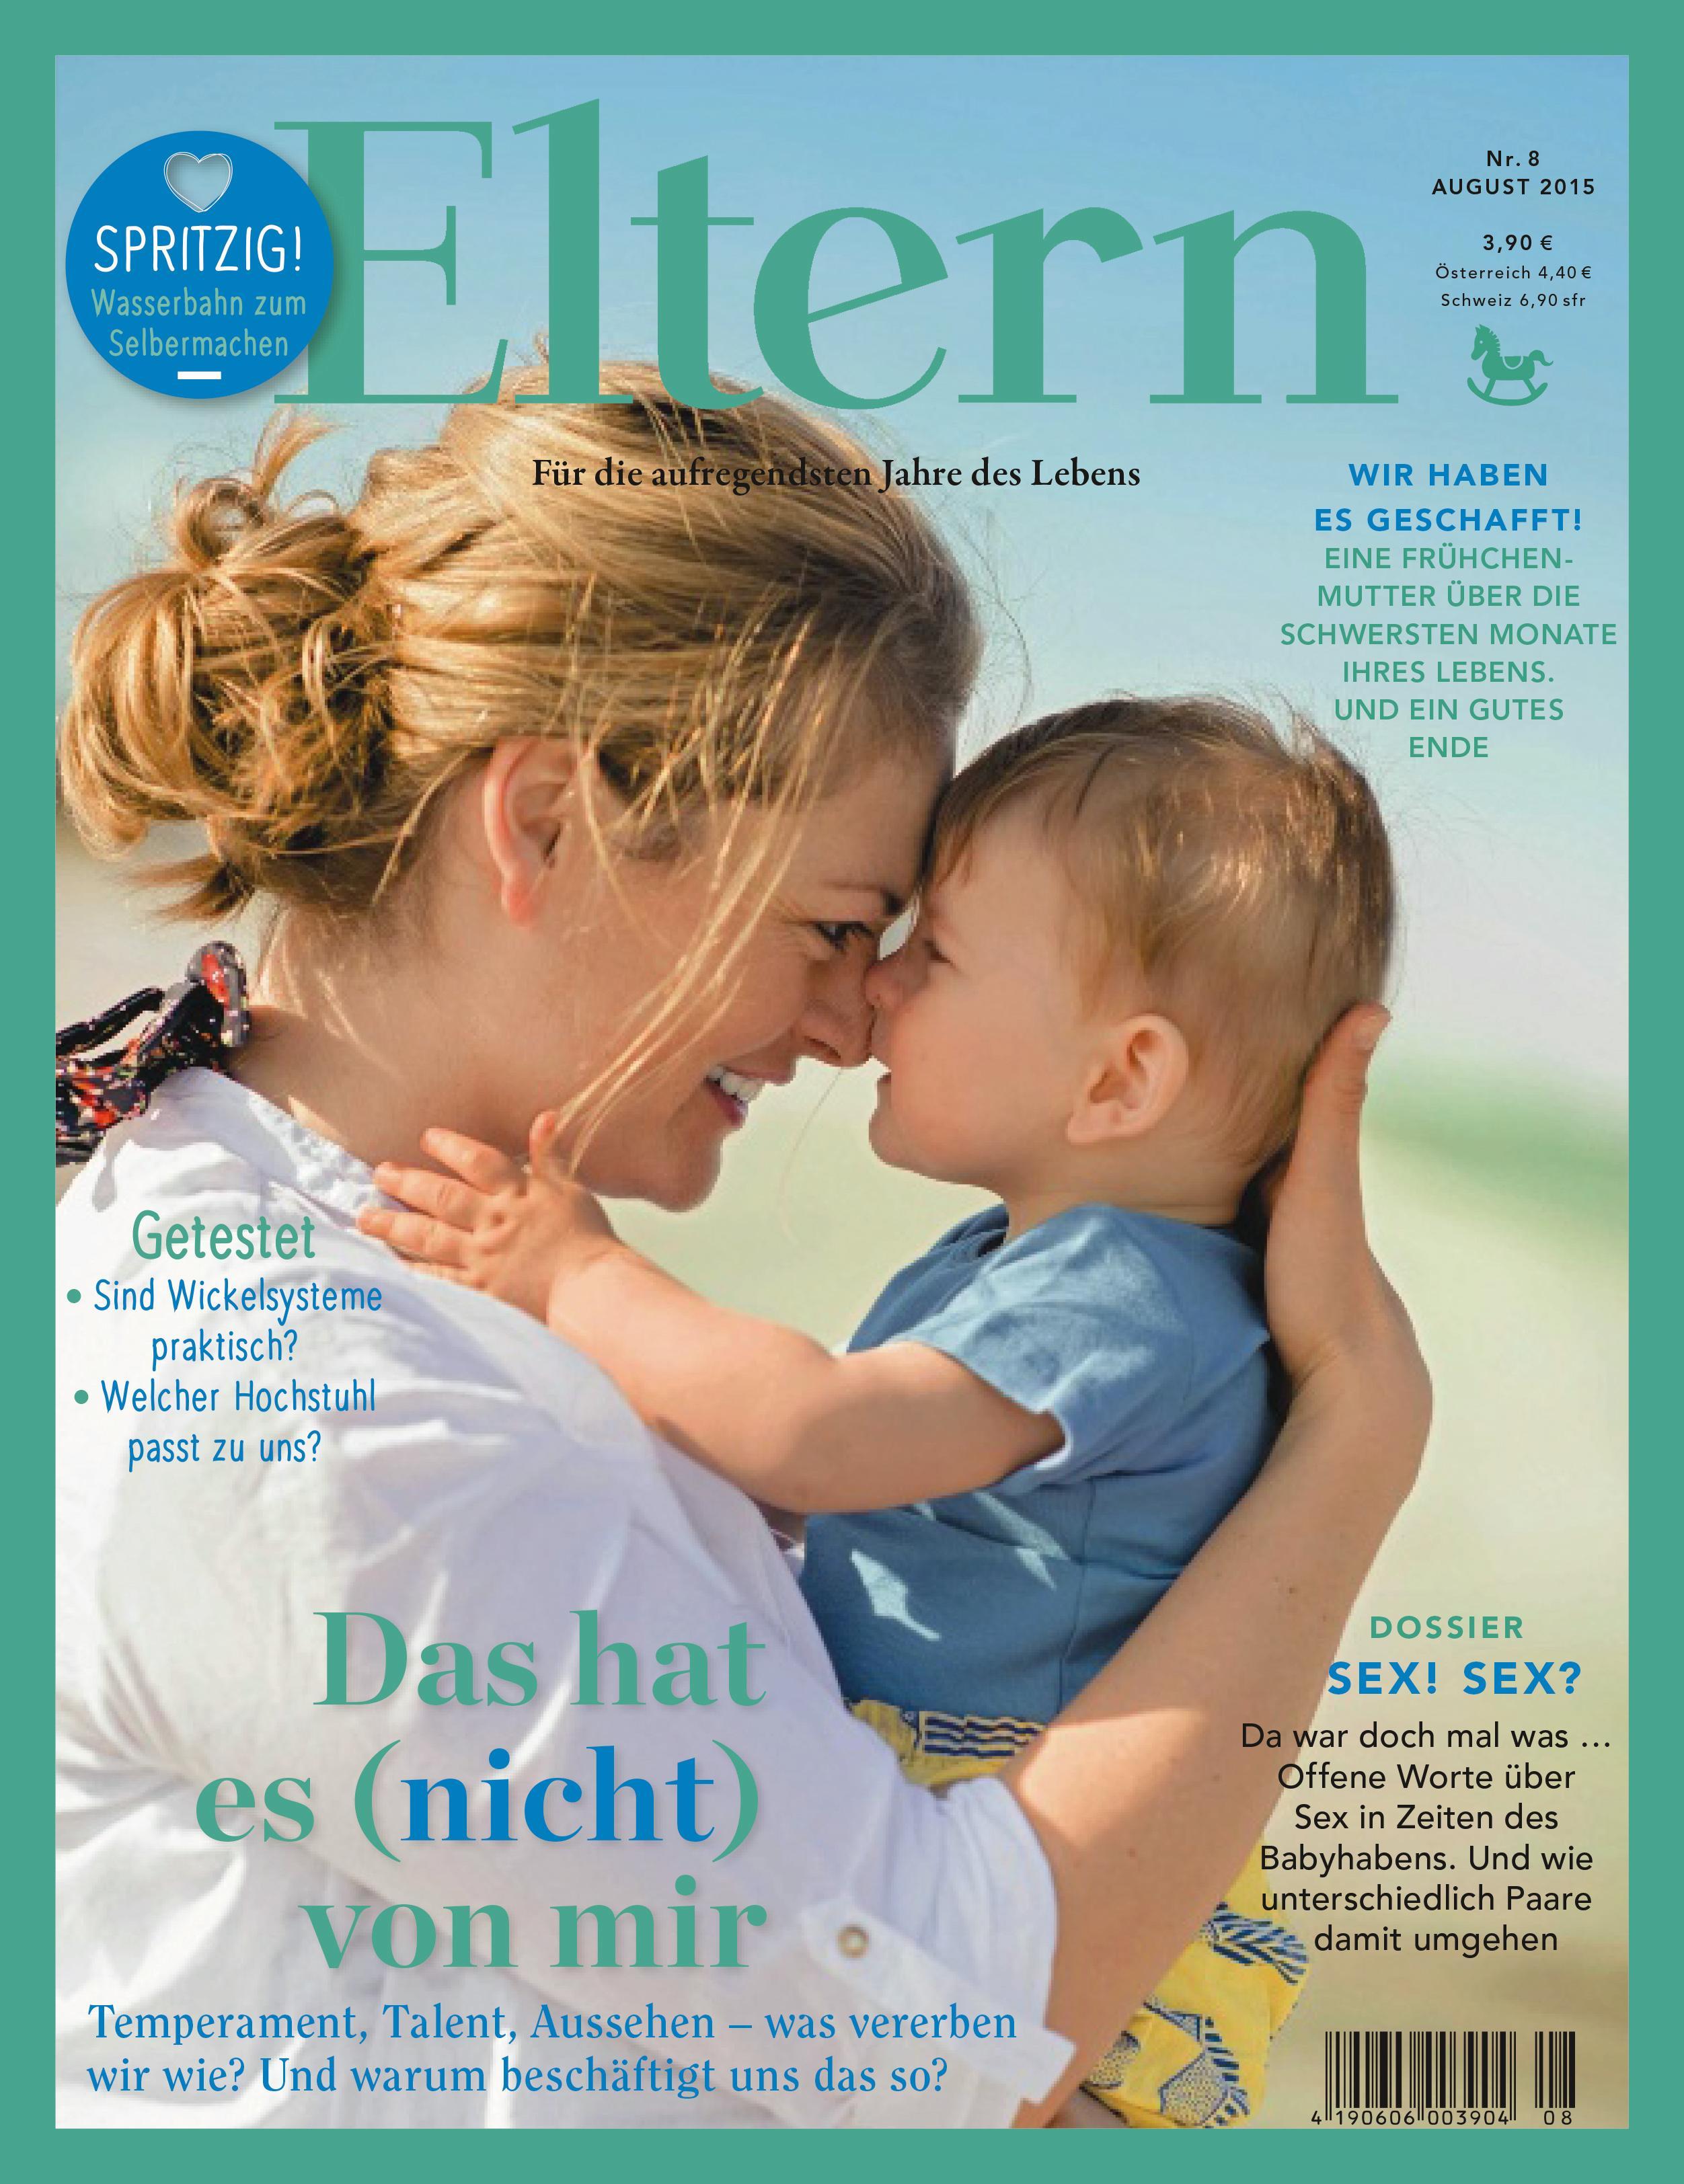 Gruner Und Jahr Zeitschriften pressemitteilung gruner jahr eltern presseportal de